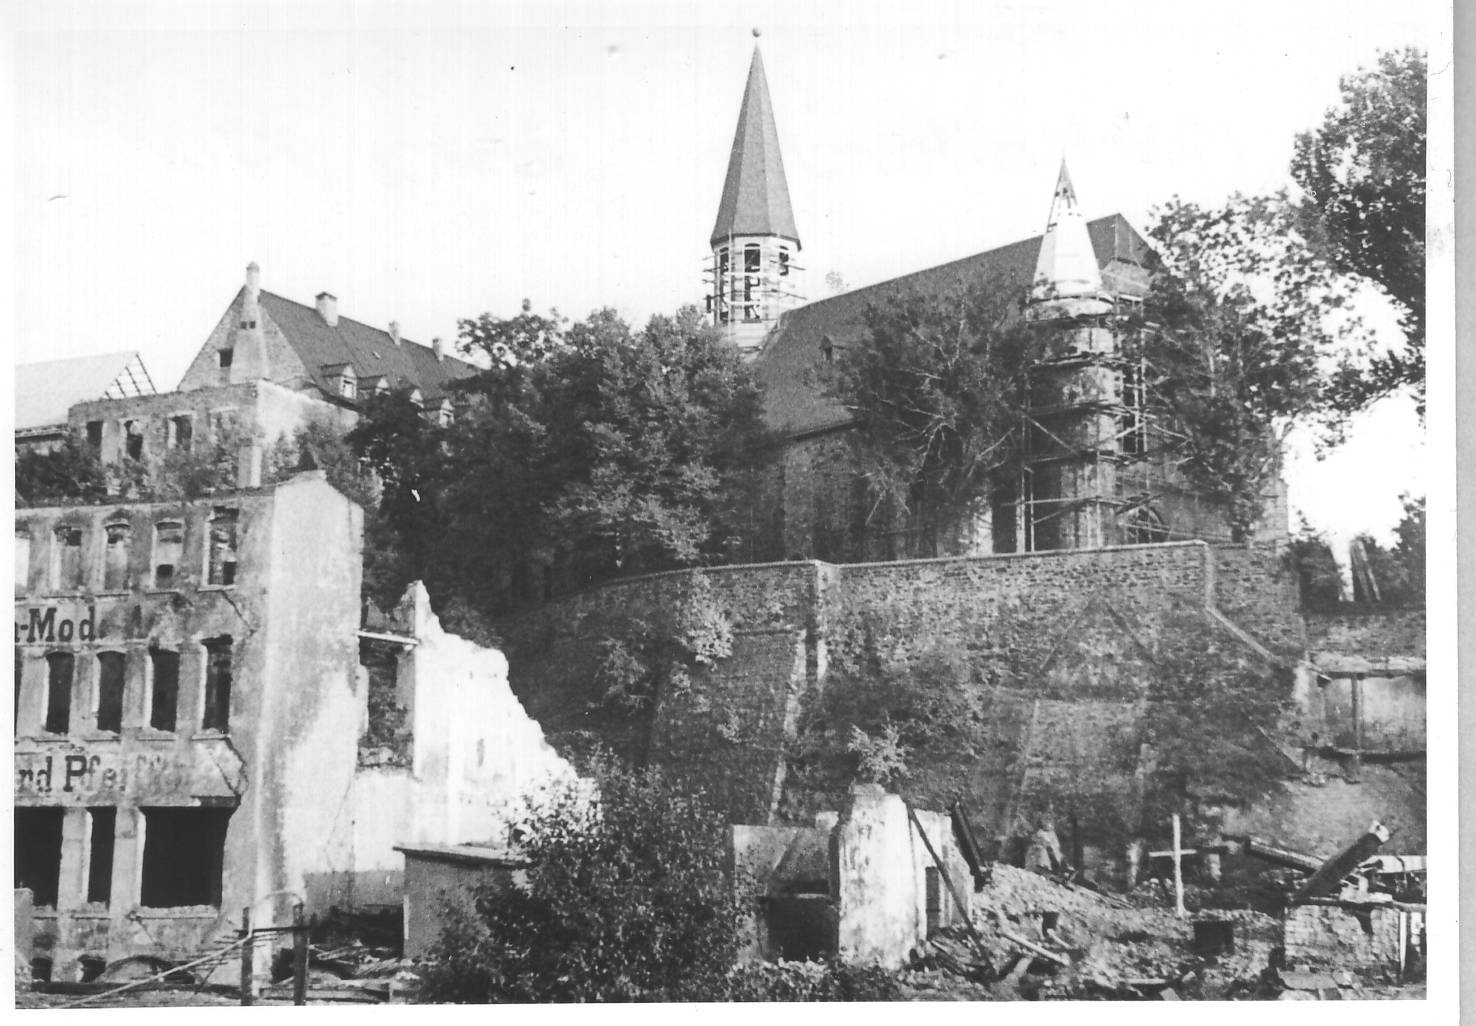 Wiederaufbau der zerstörten Martinikirche in Siegen. Im Bild: zerbombte Häuser, Kirche mit Baugerüst.